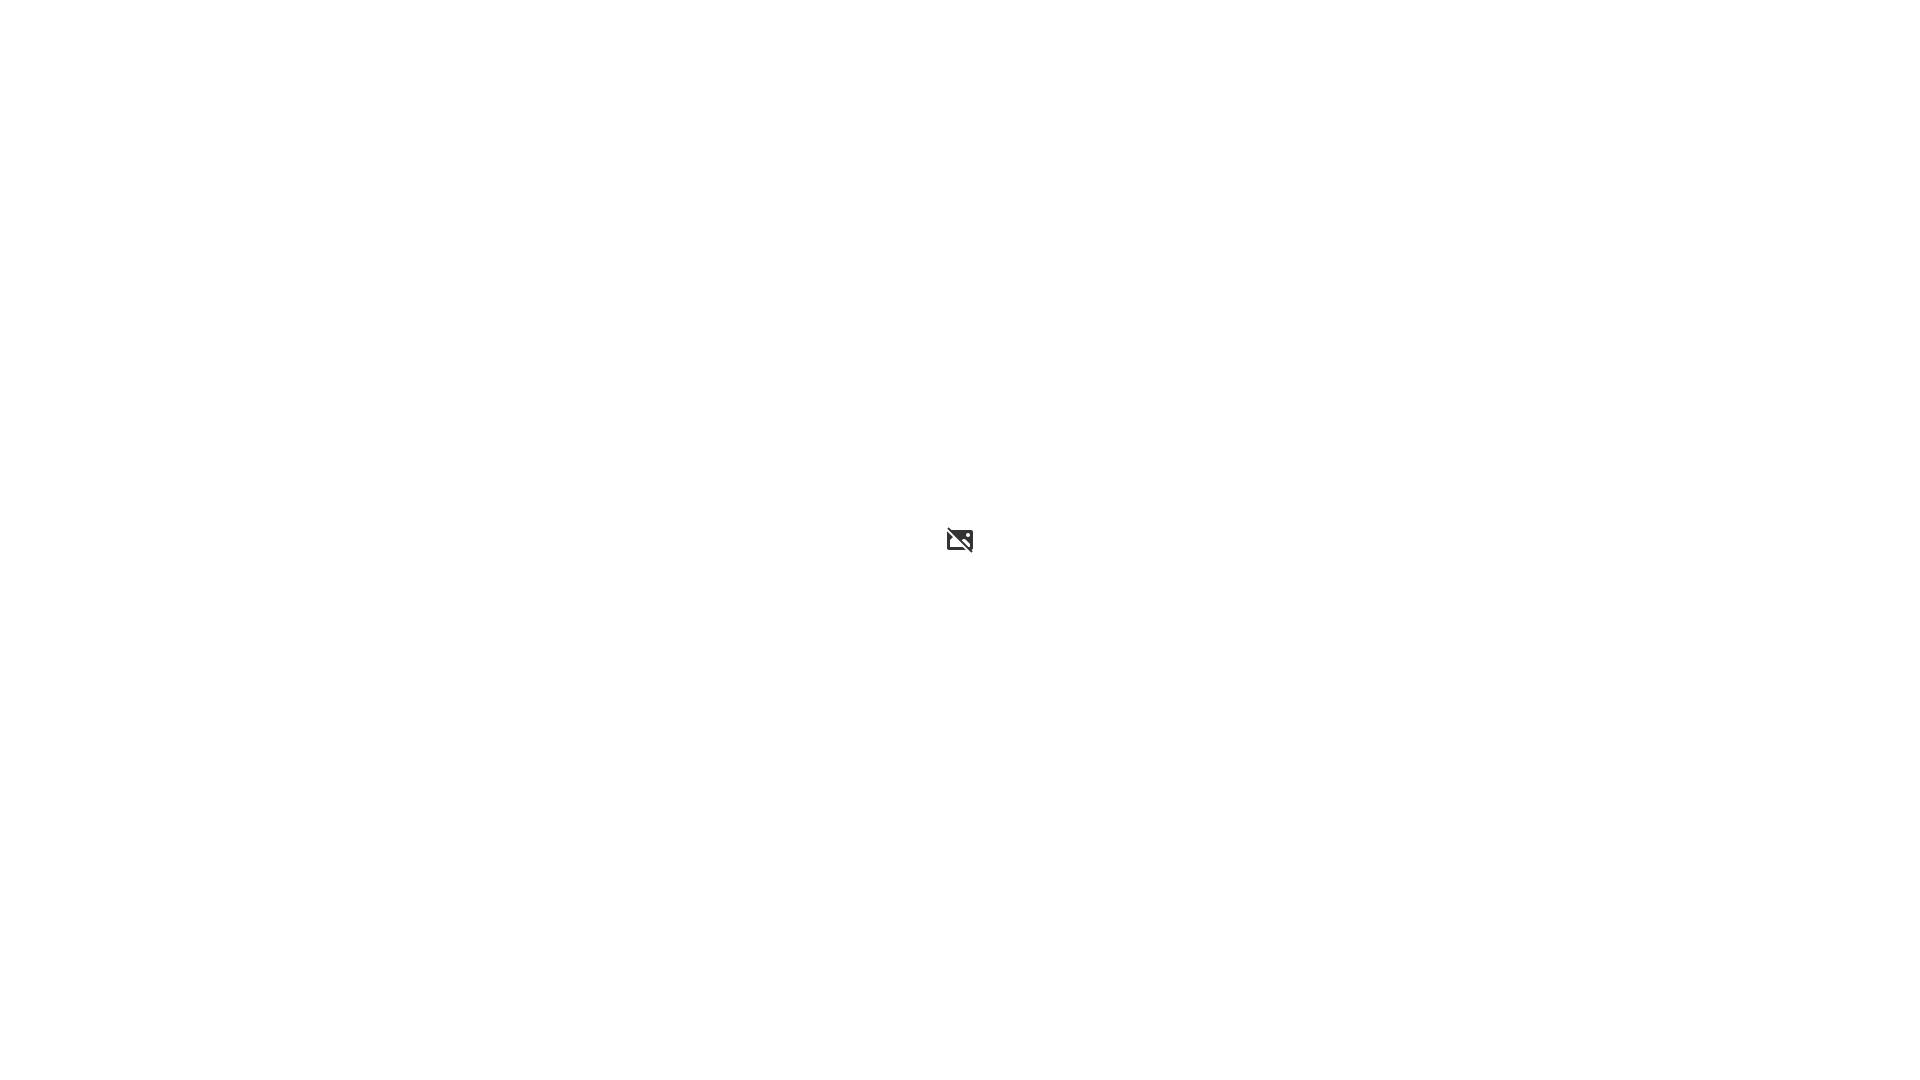 project__zed_by_dwindlekin-d9az8pi